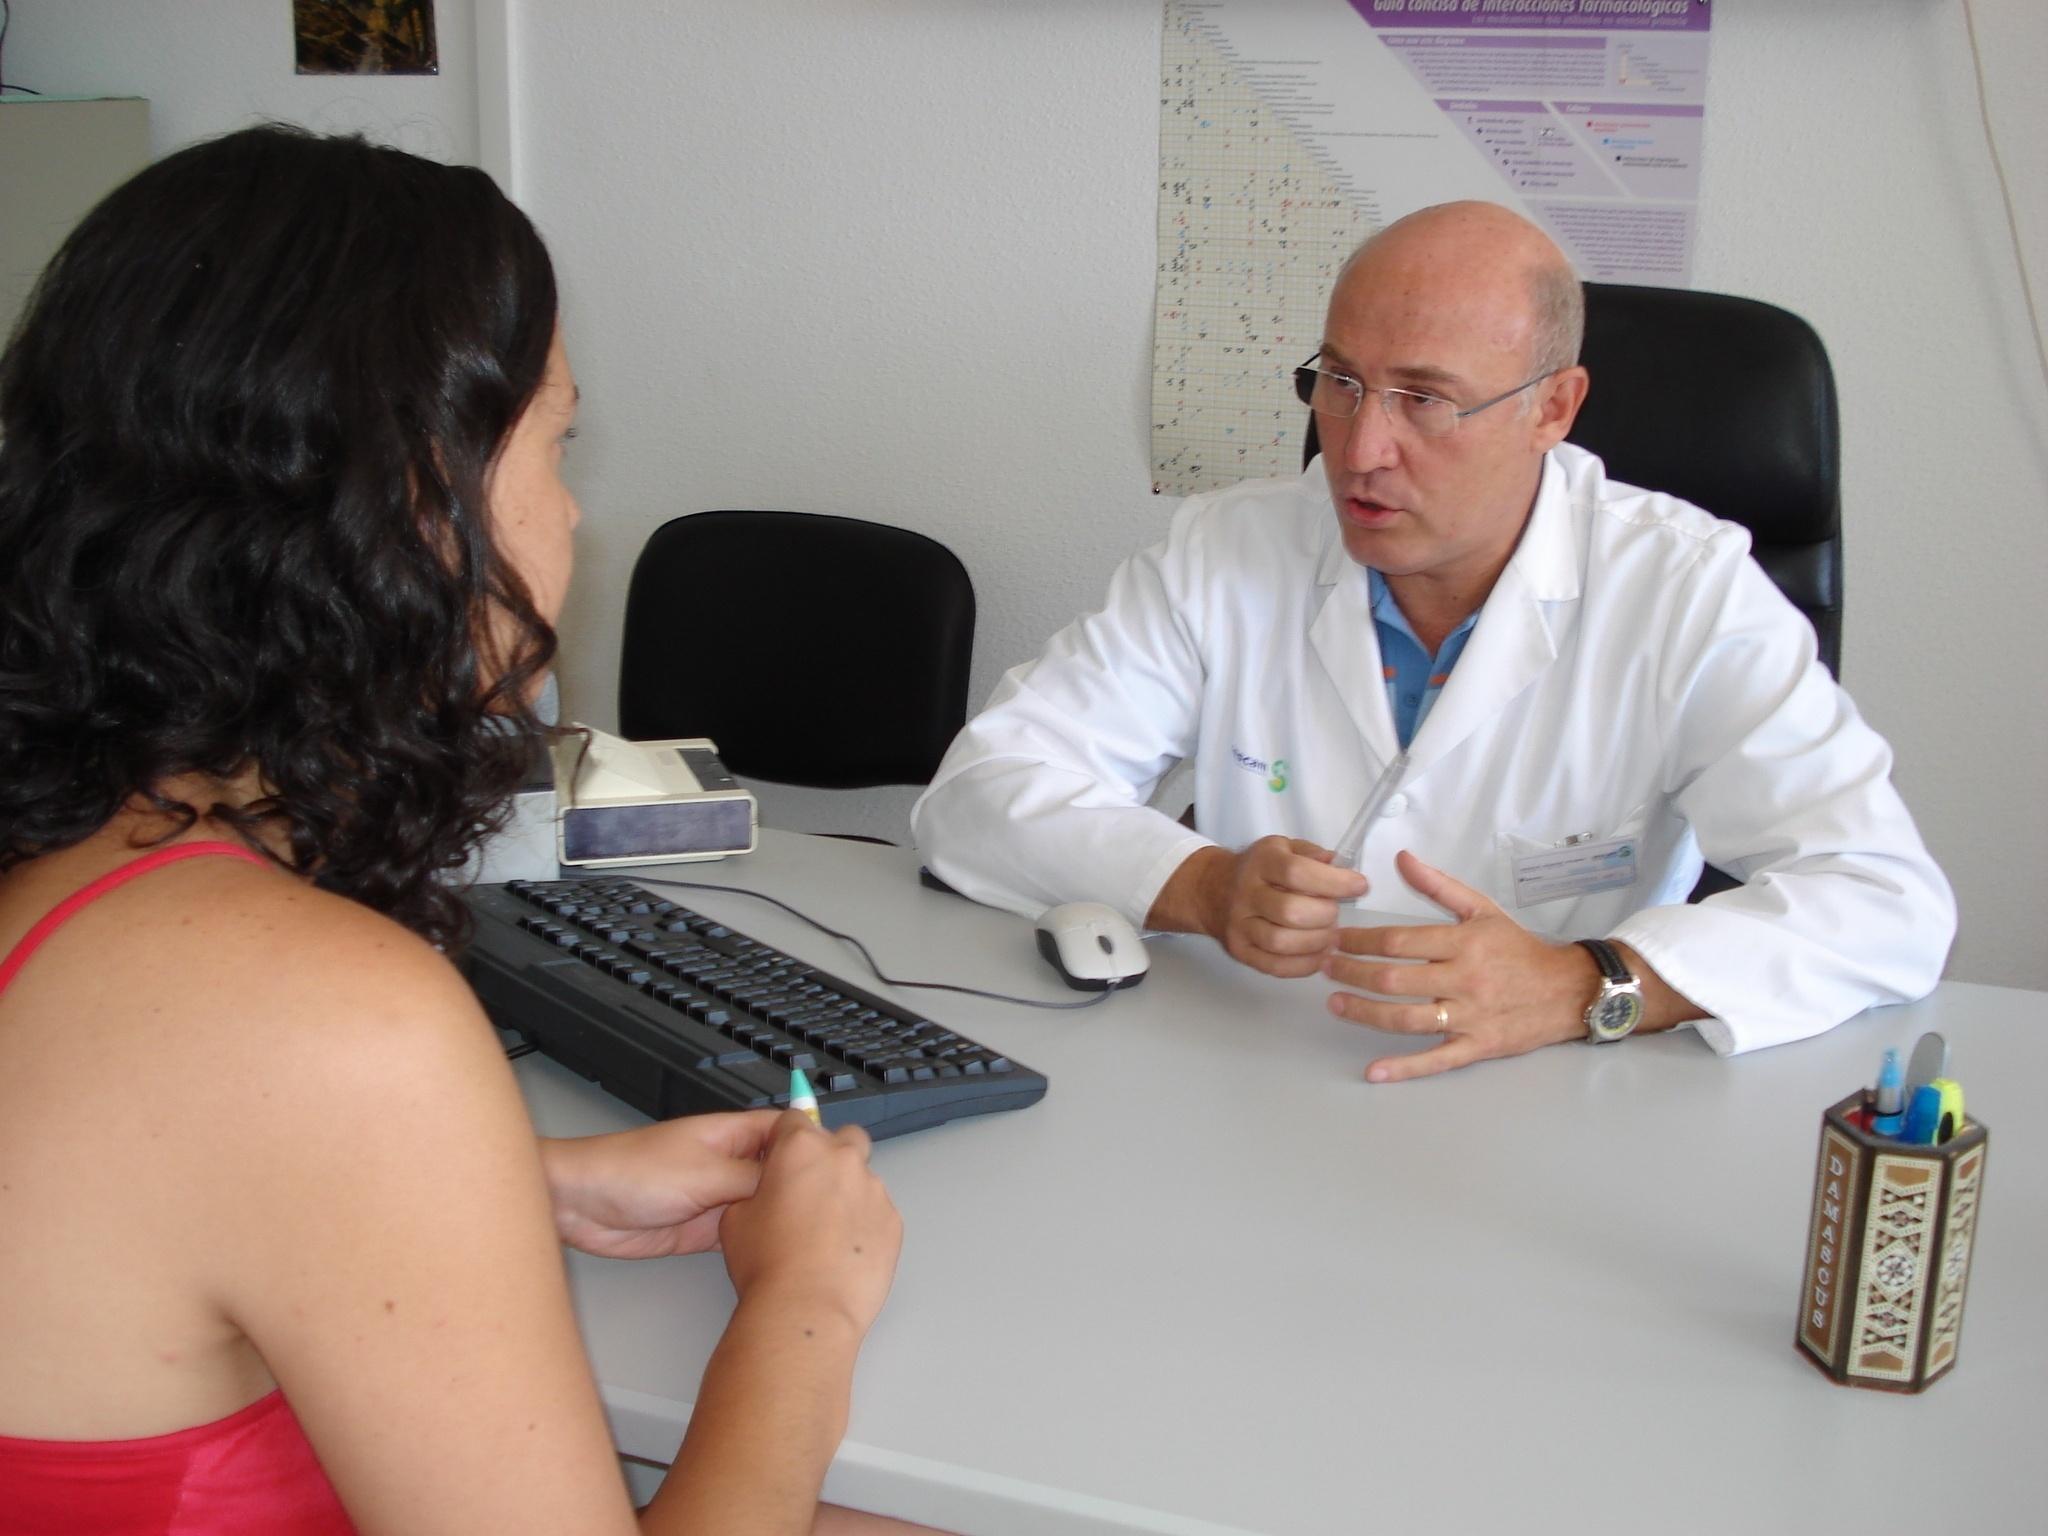 La tiroiditis, los defectos de coagulación o las cardiopatías, entre las enfermedades raras más comunes